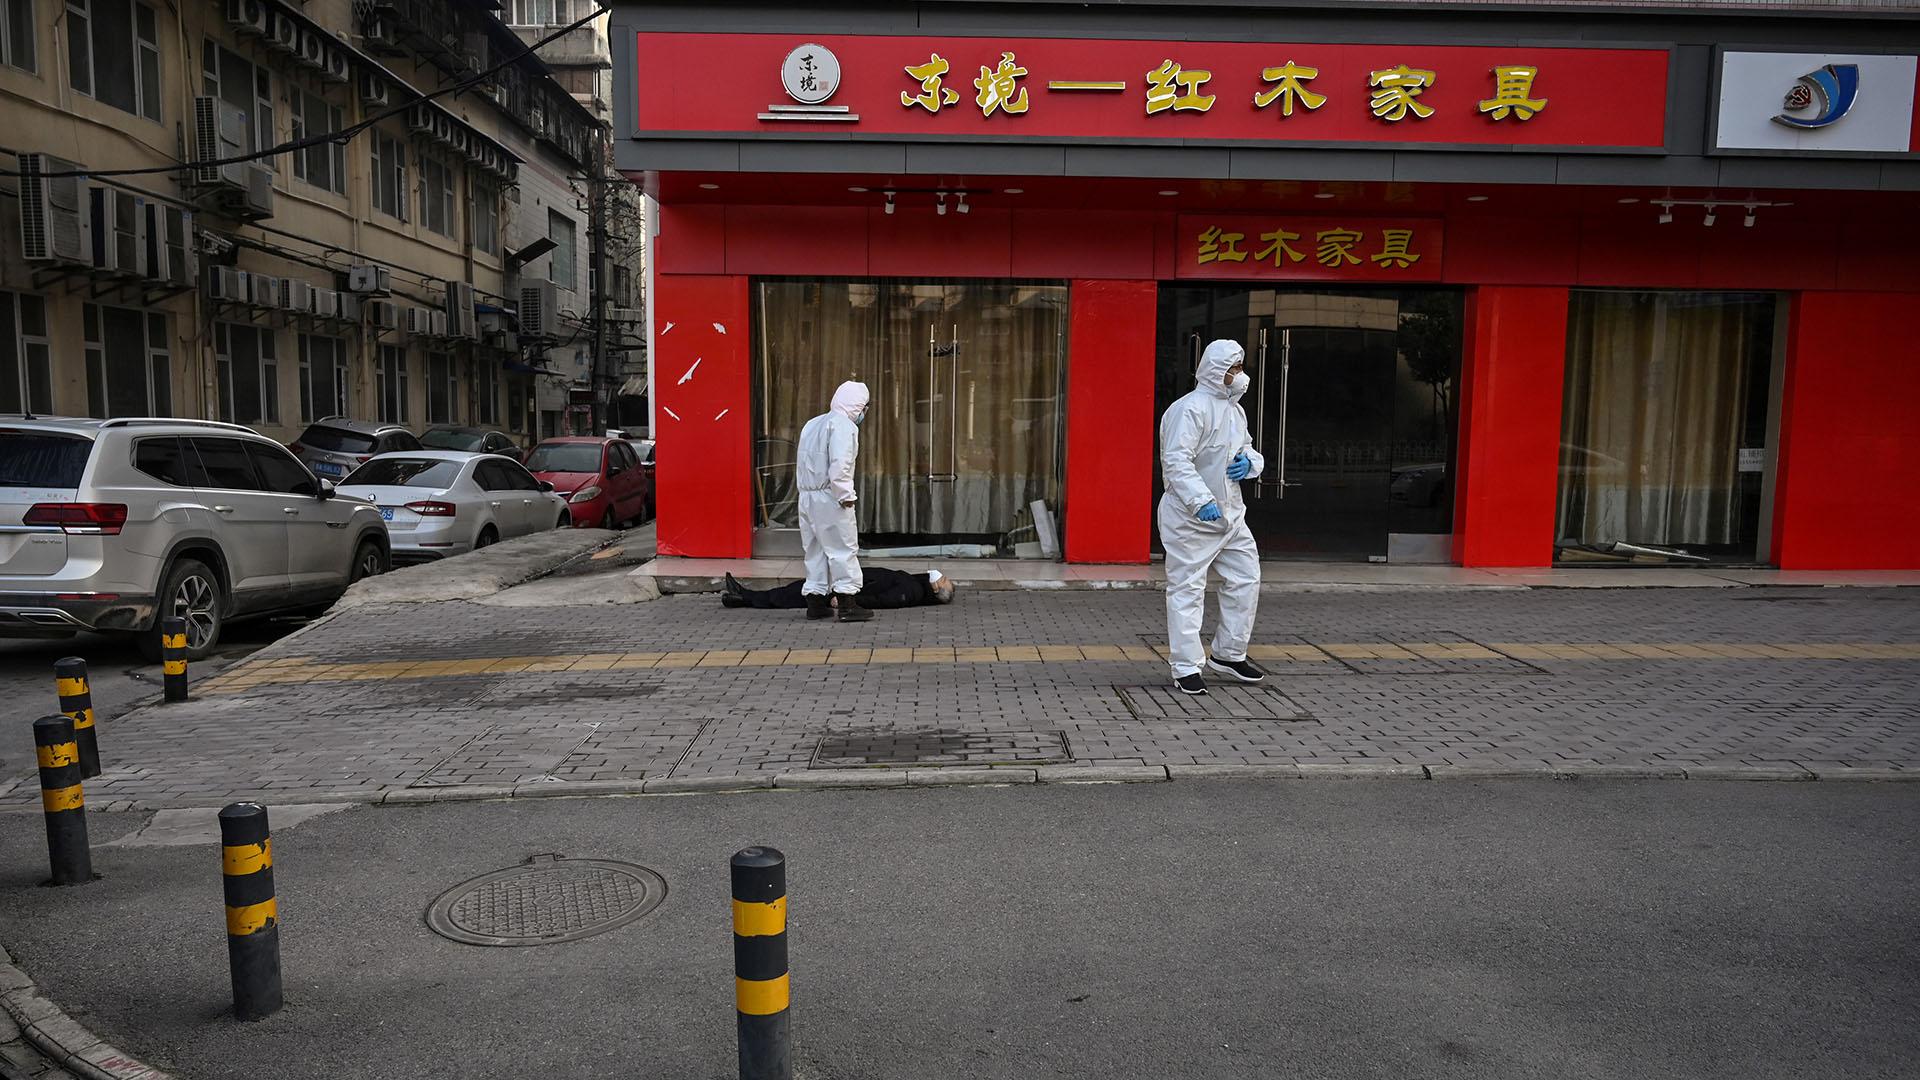 Los periodistas de la agencia citada vieron el cuerpo en el piso instantes antes de que llegara un vehículo de emergencia con policías y personal médico vestidos con trajes de protección (Héctor RETAMAL / AFP)